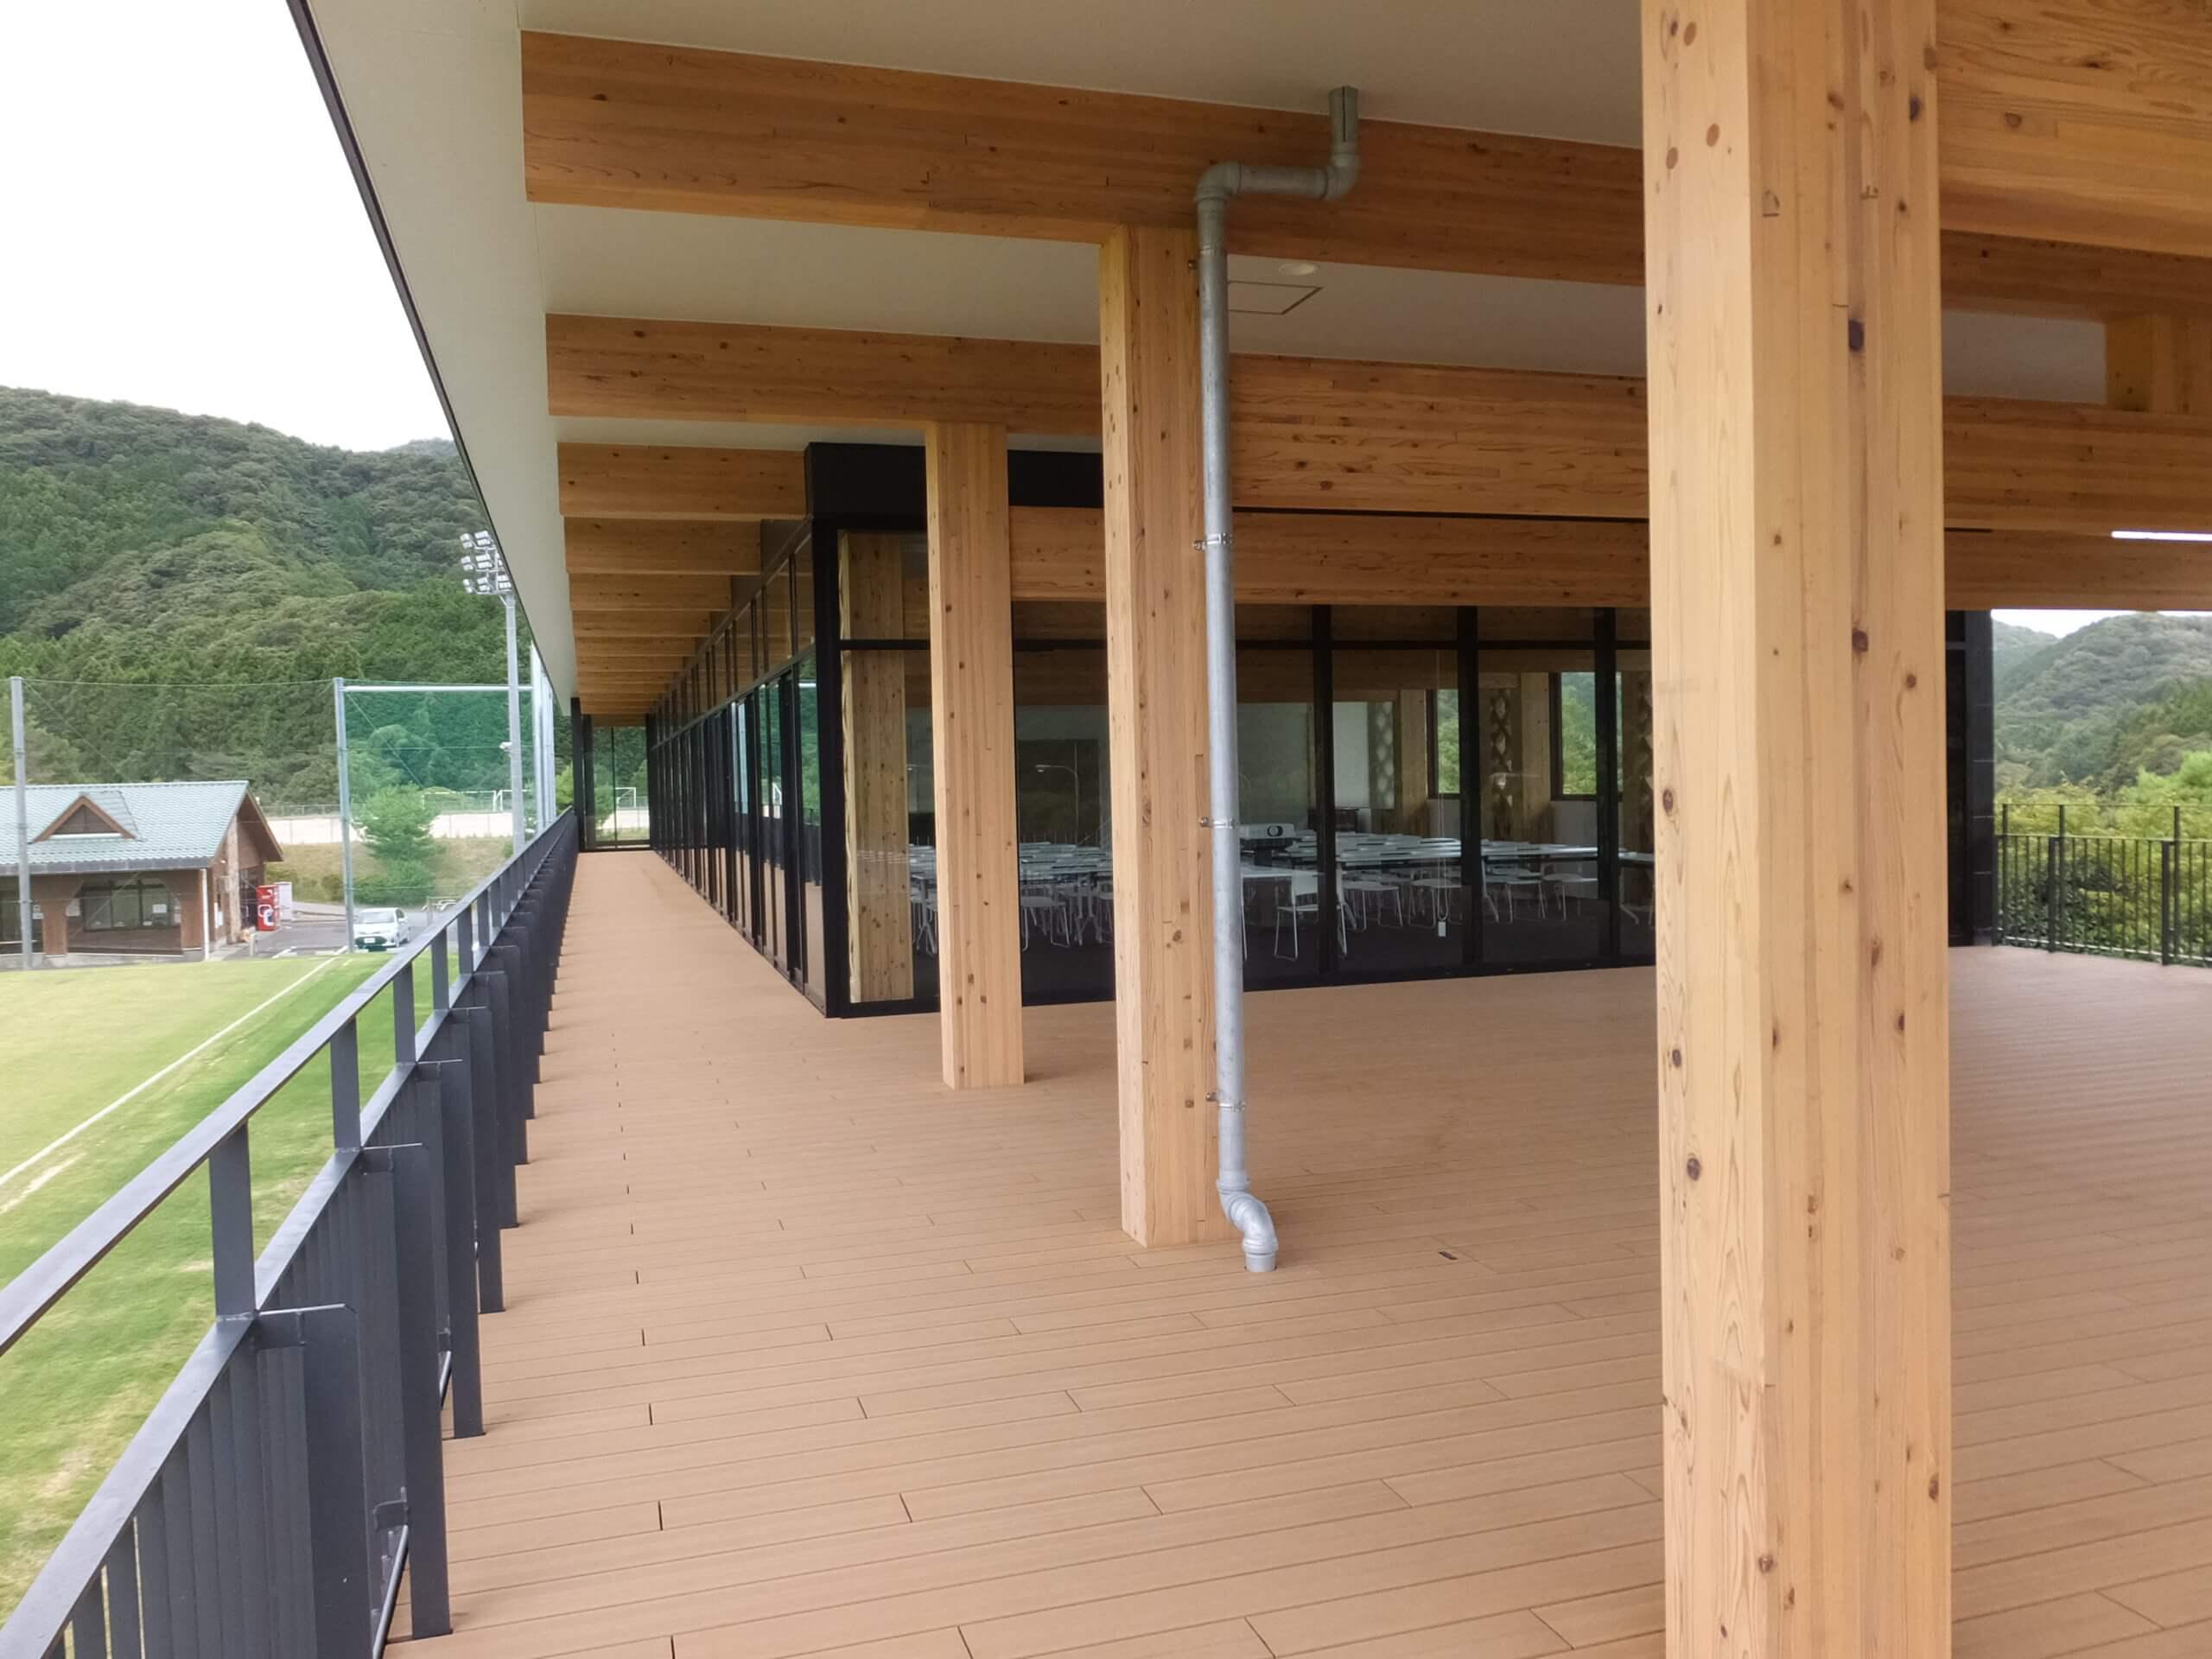 木造建築の施工事例:長門市俵山多目的交流広場 クラブハウス 7枚目